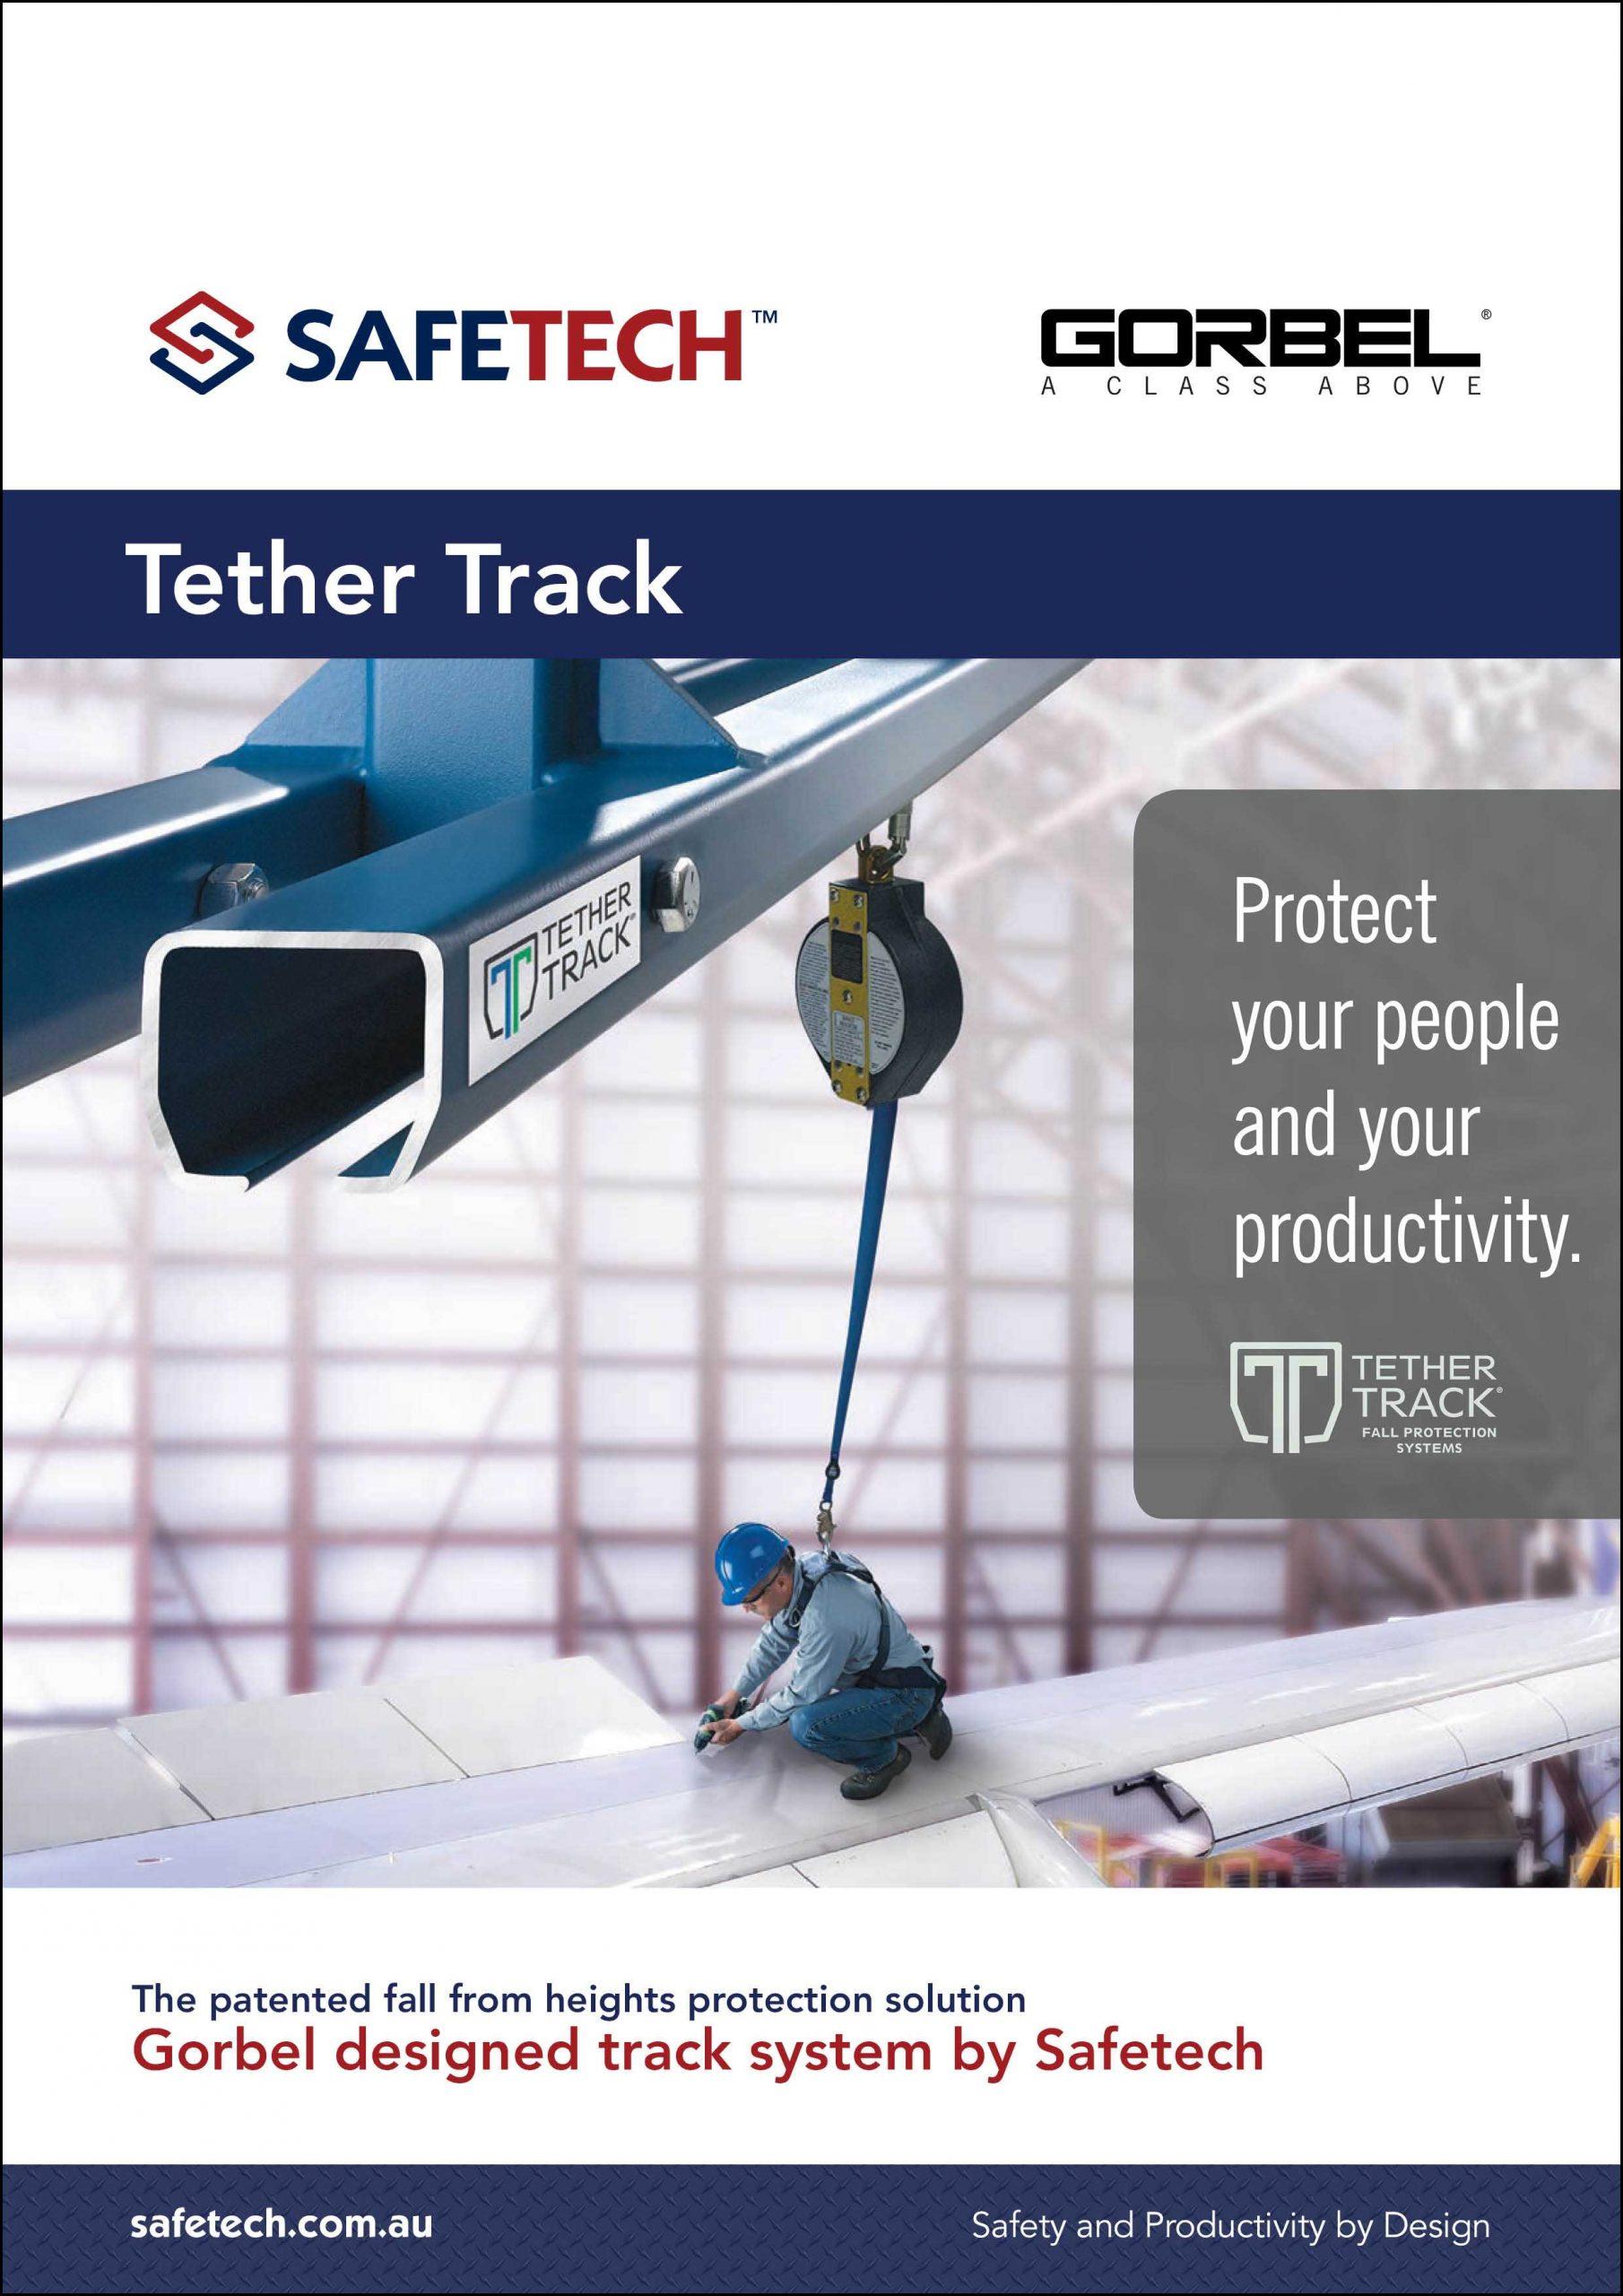 Safetech-Gorbel_TetherTrack-A4_v1